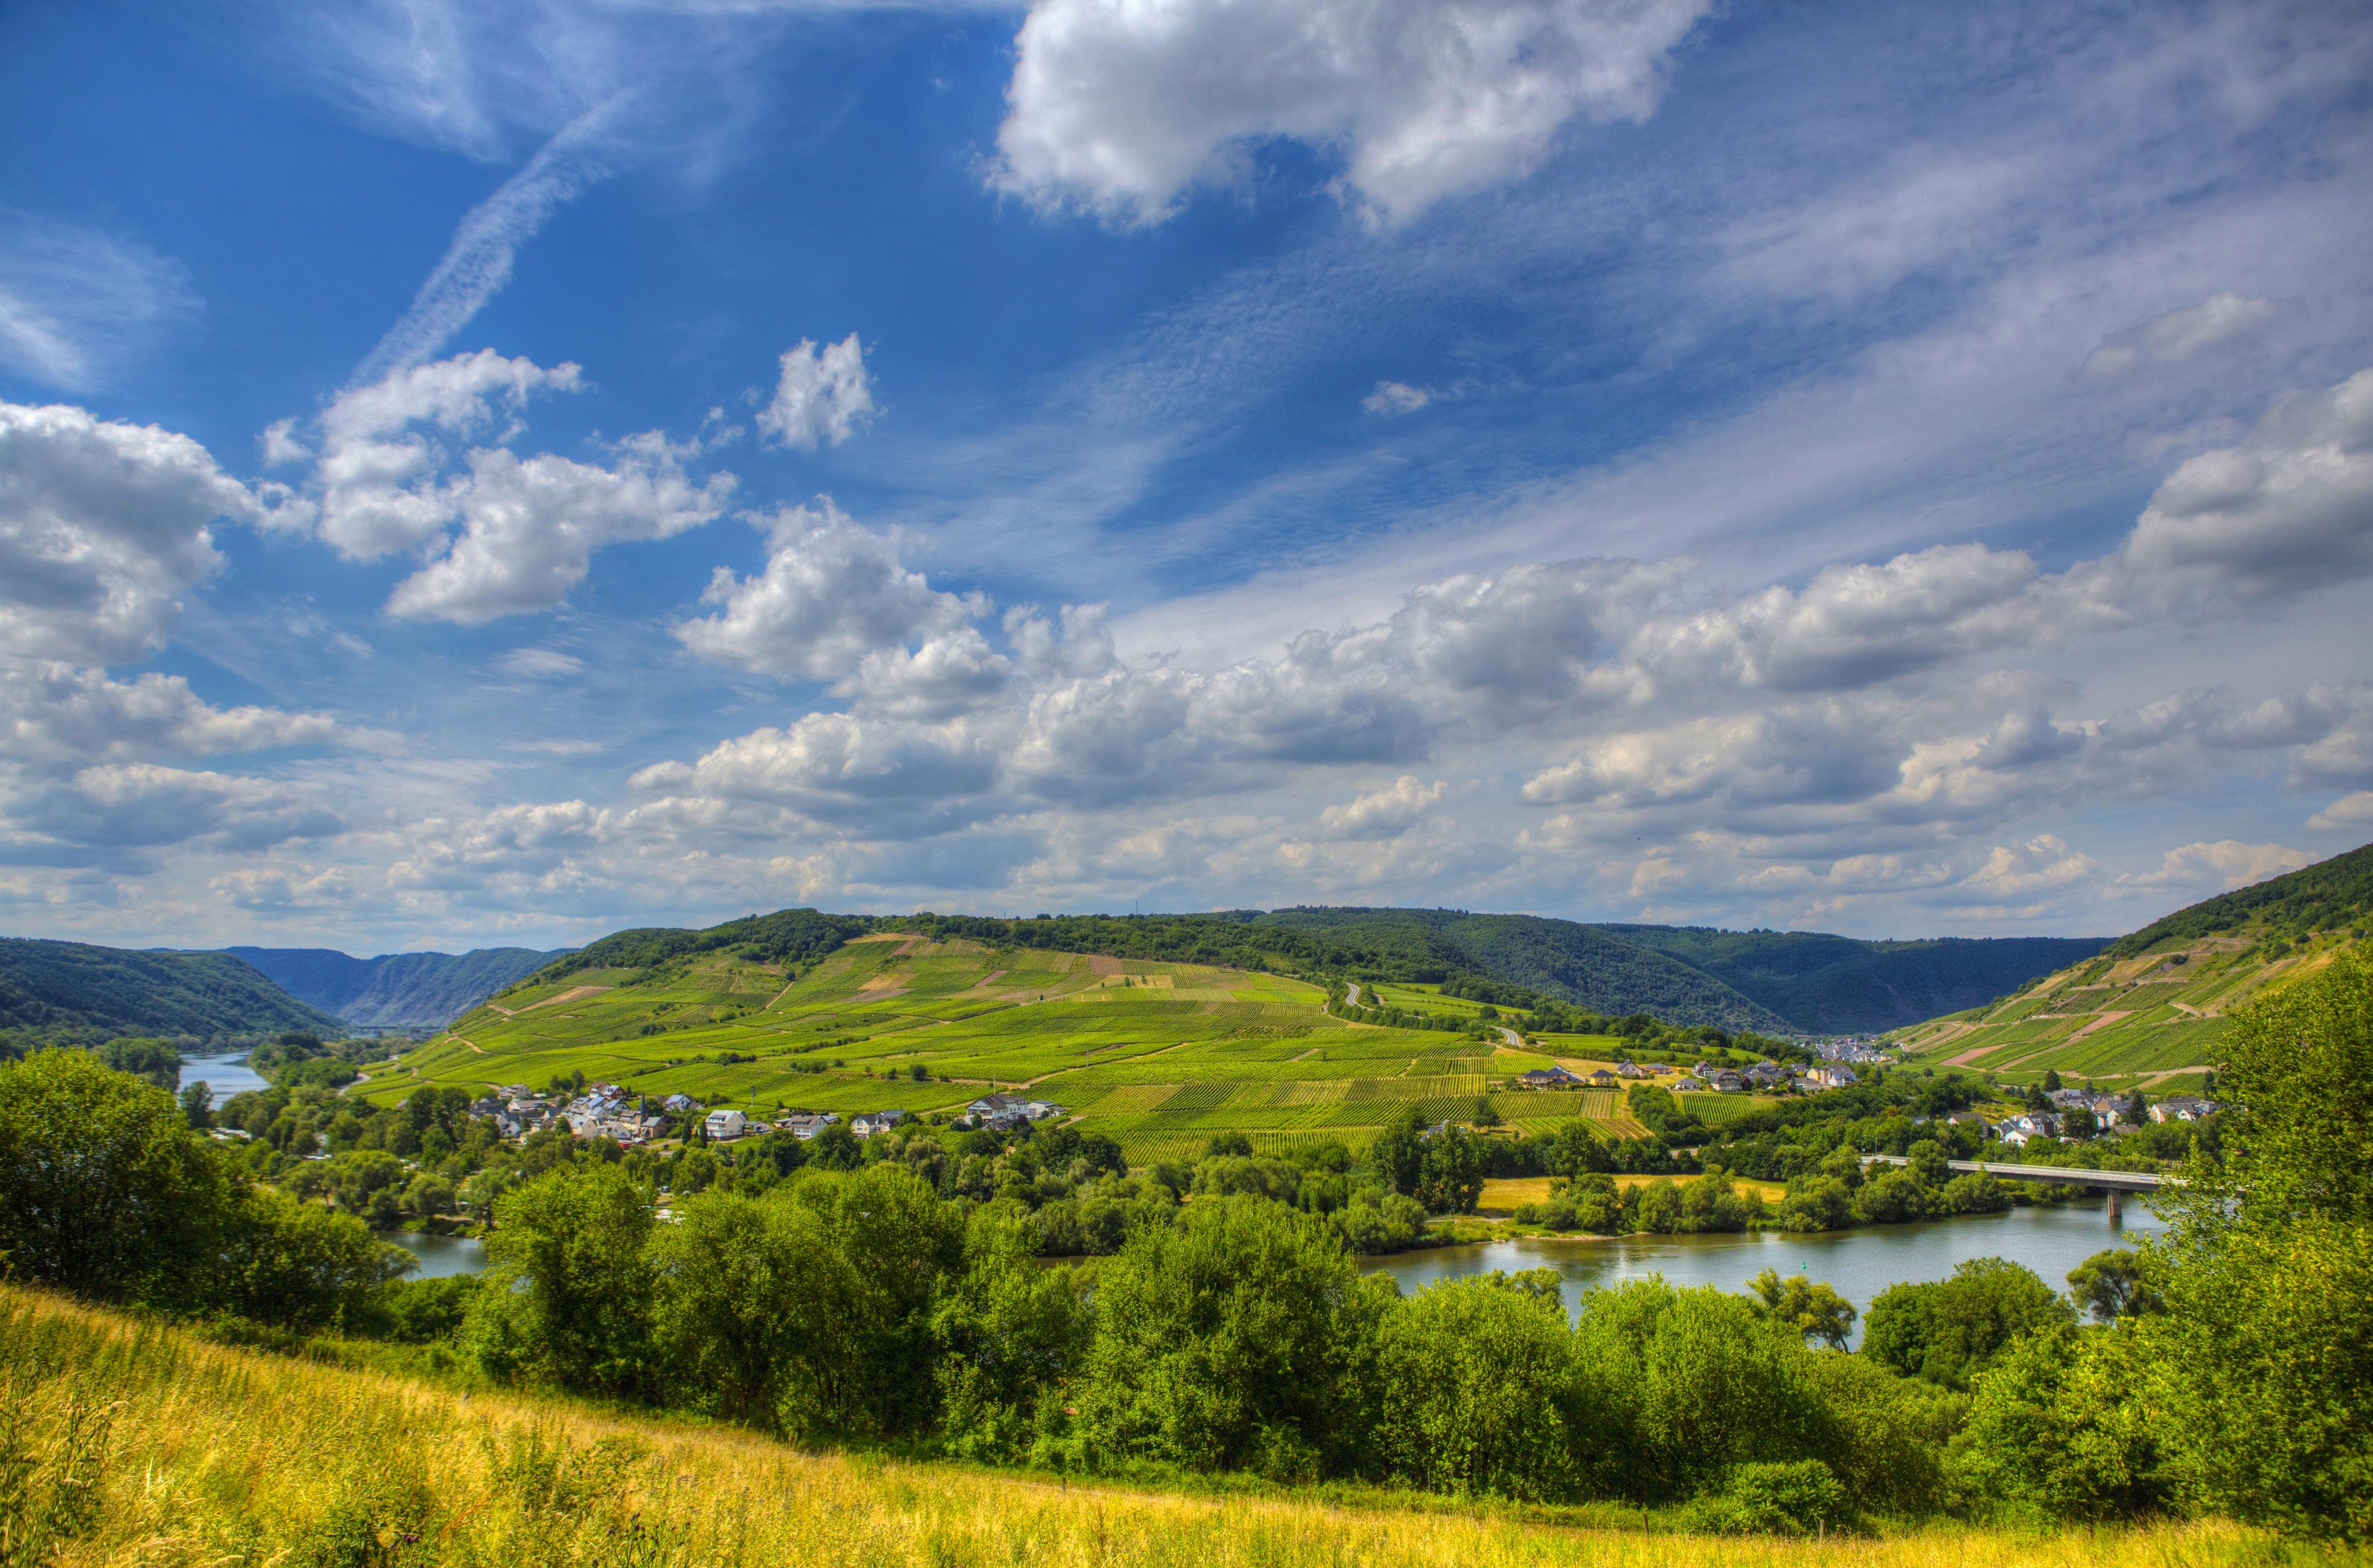 91083 Заставки и Обои Река на телефон. Скачать Река, Природа, Небо, Германия, Зинсхайм картинки бесплатно